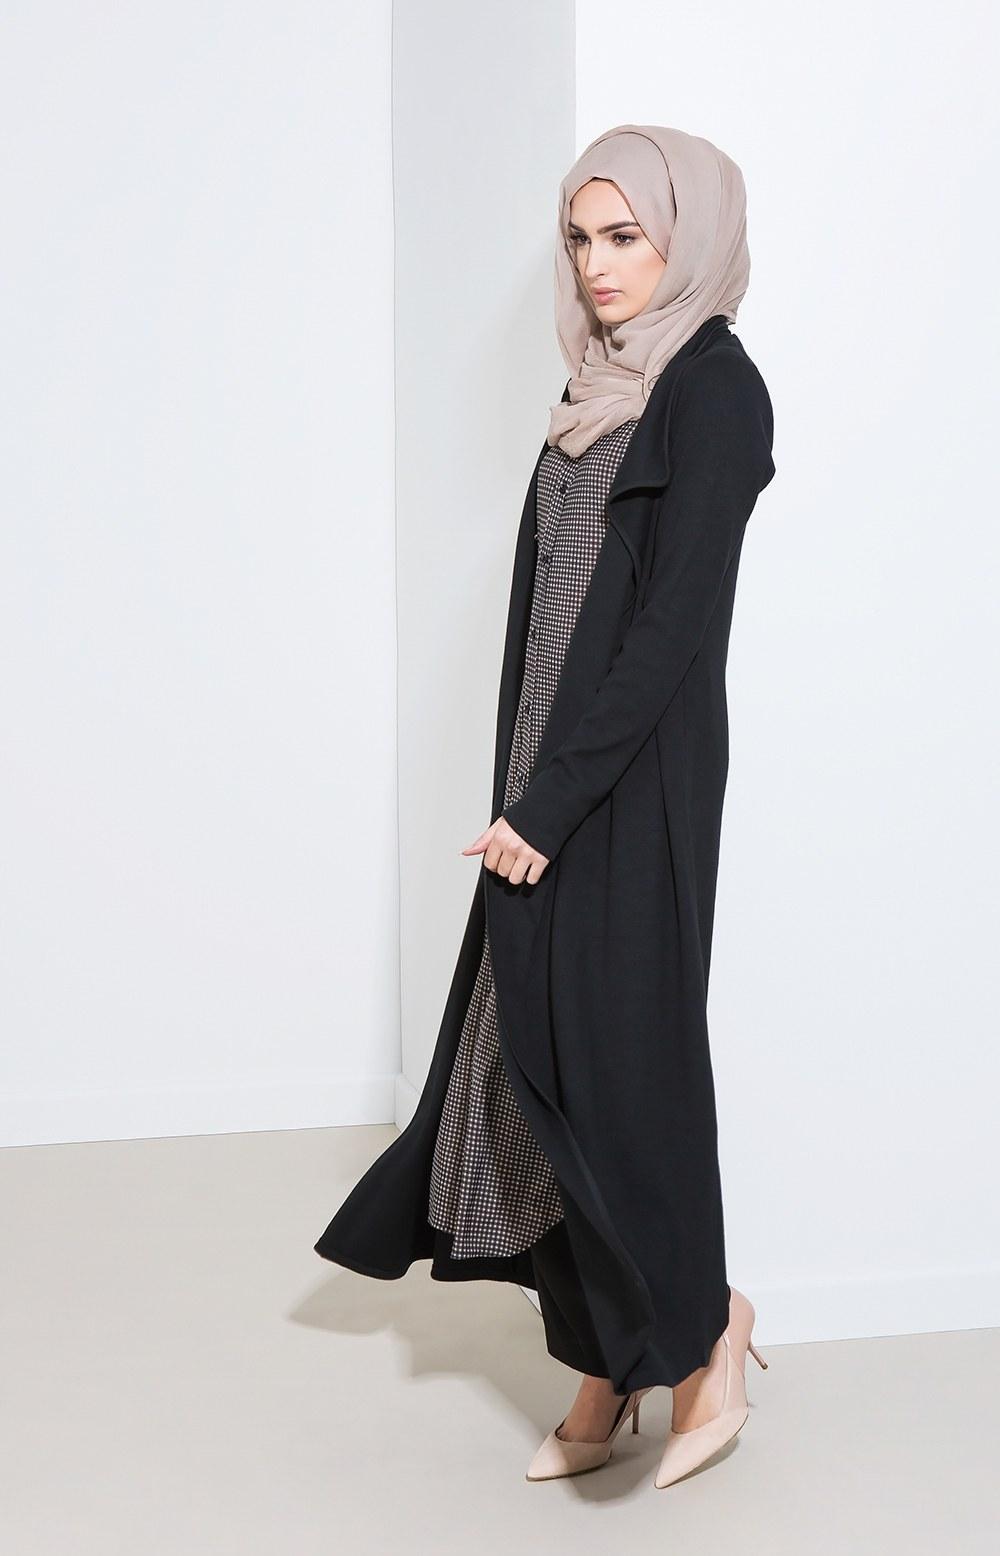 Bentuk Baju Lebaran 2016 Txdf 25 Trend Model Baju Muslim Lebaran 2018 Simple & Modis